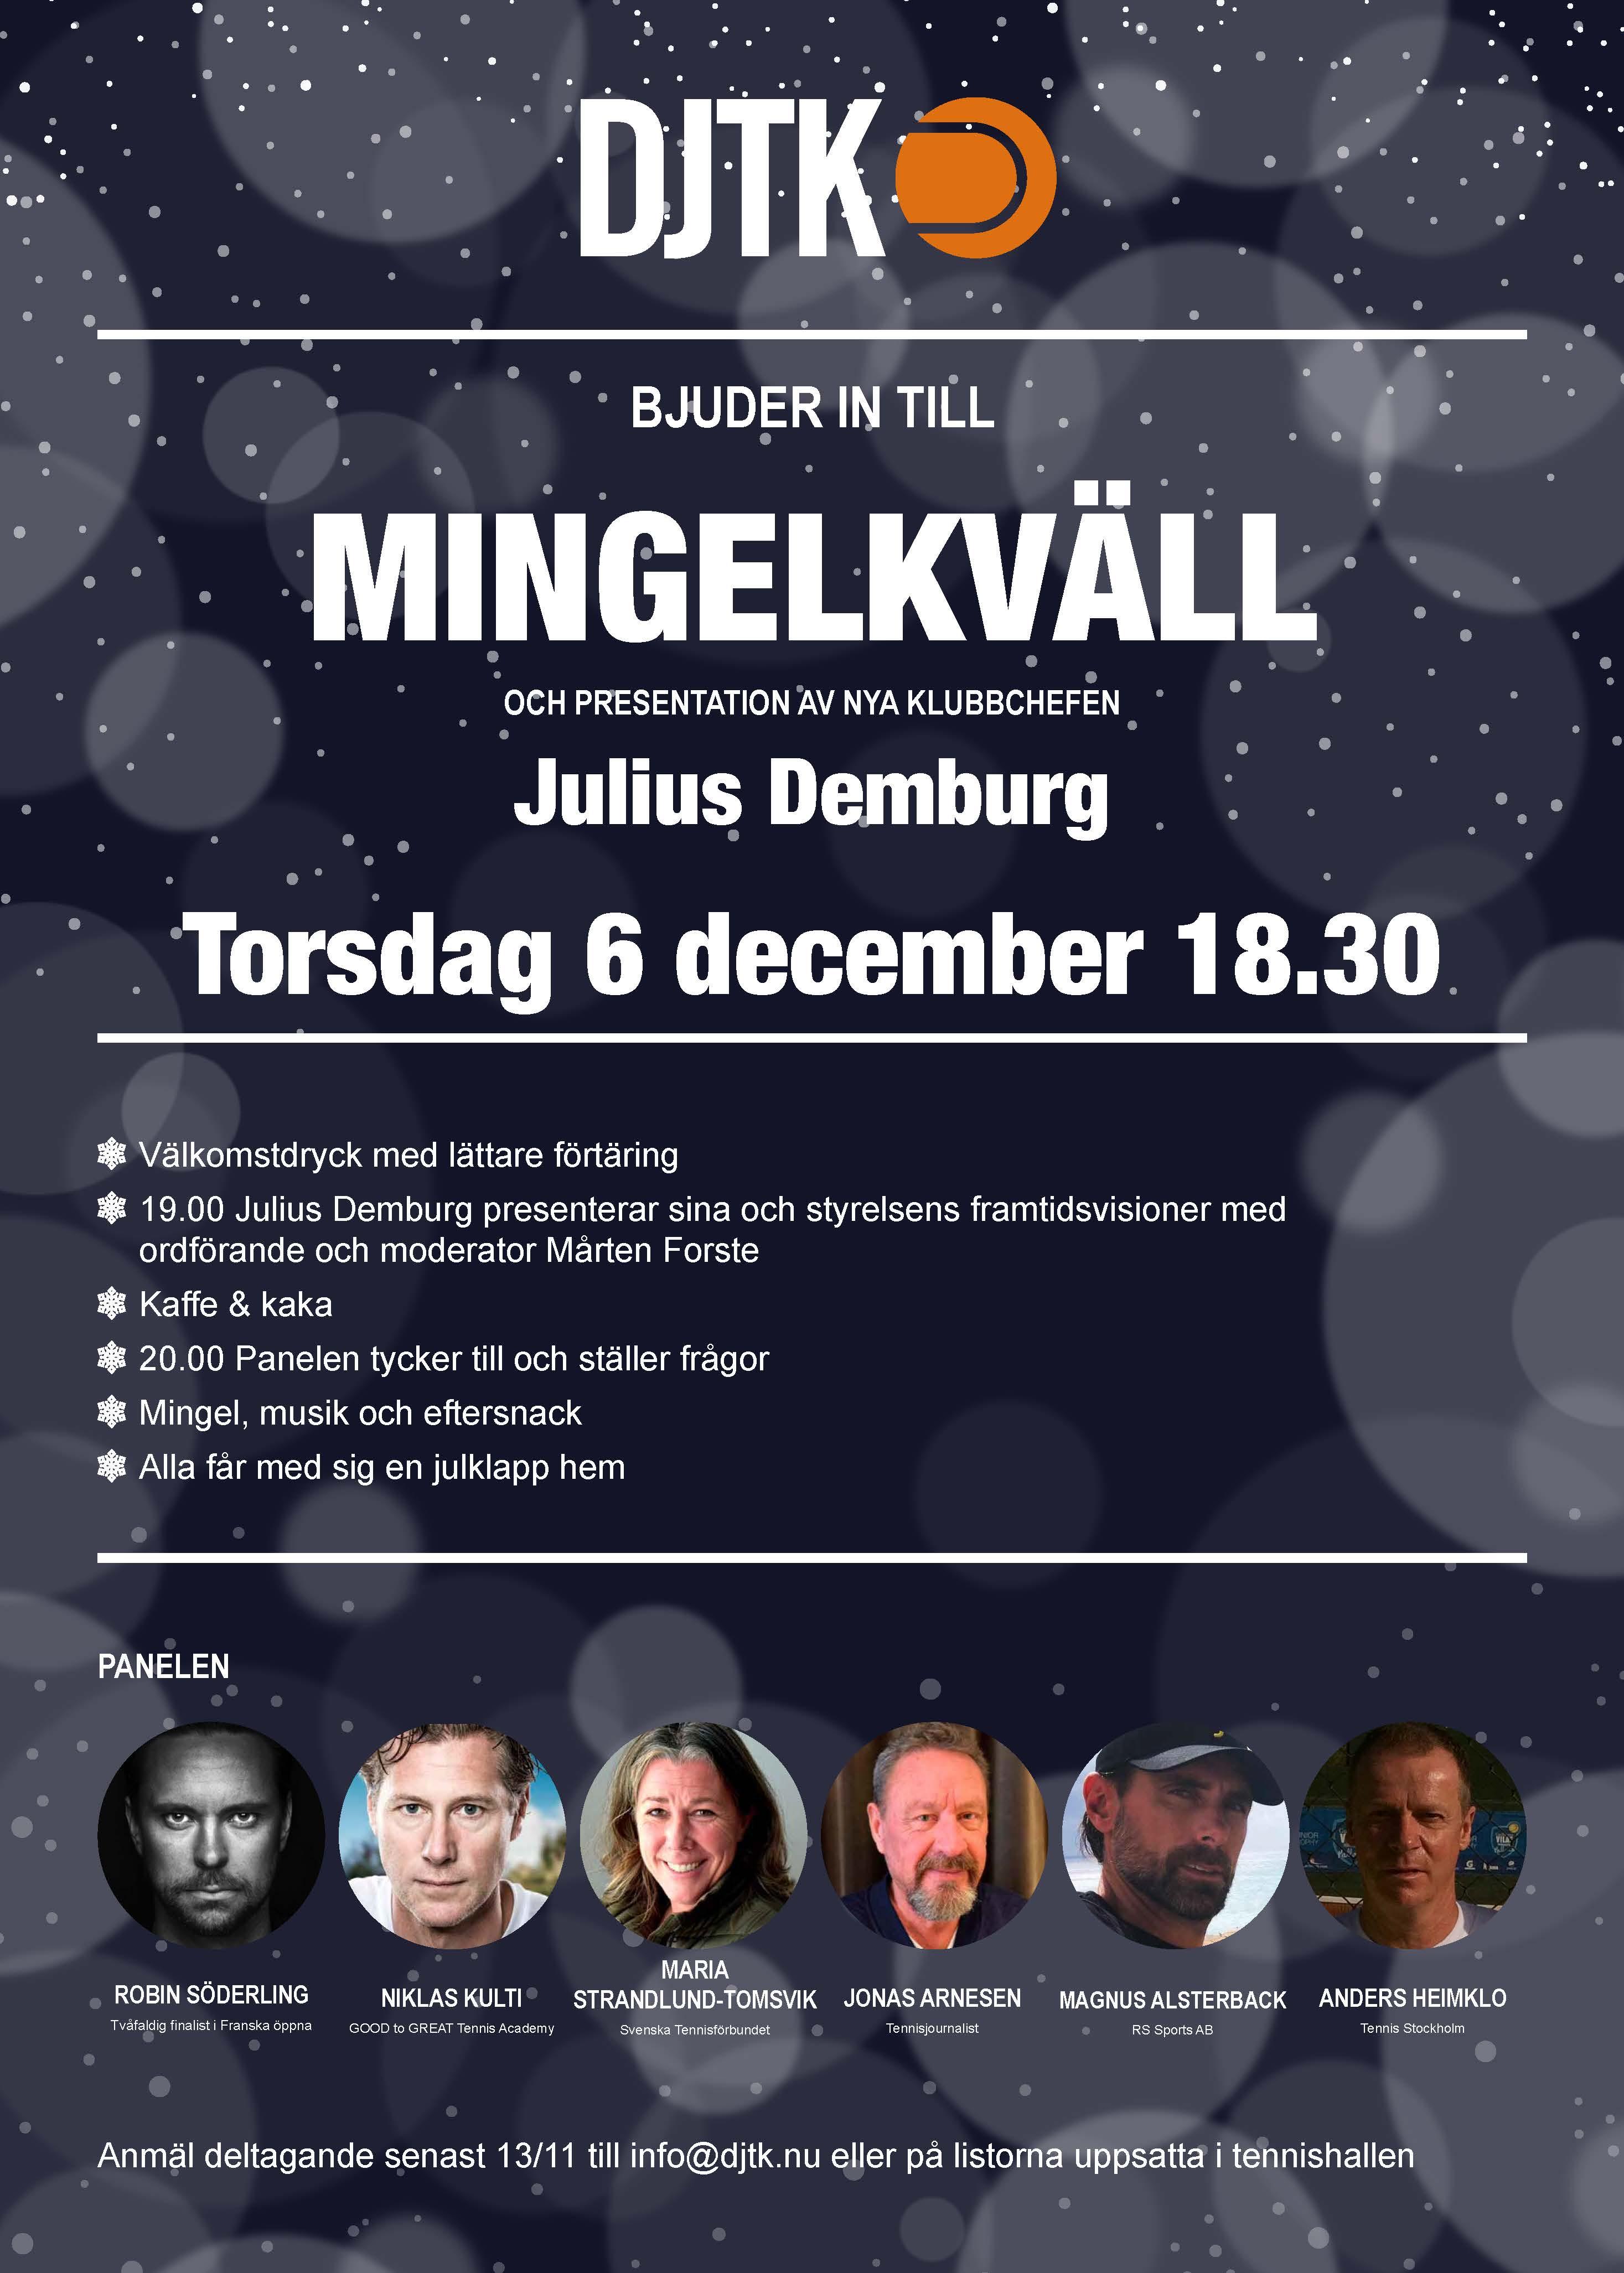 Inbjudan till DJTKs Mingelkvall_